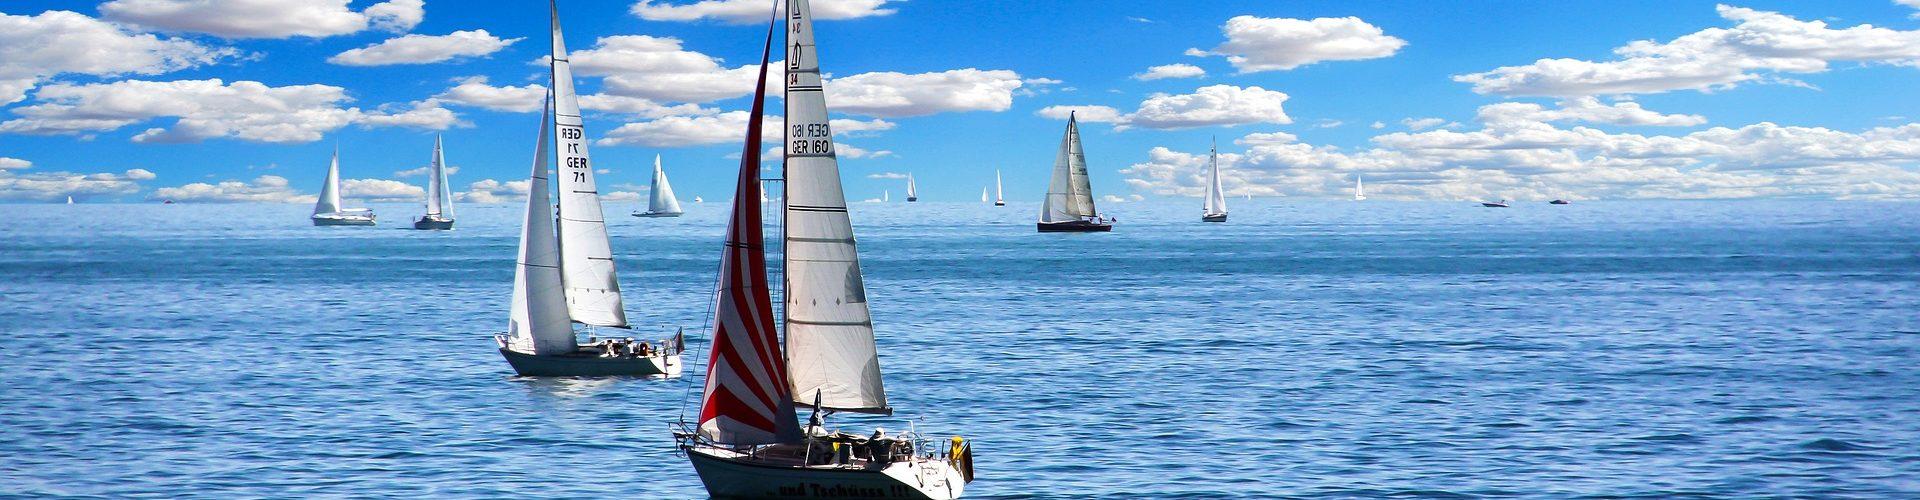 segeln lernen in Biberach an der Riß segelschein machen in Biberach an der Riß 1920x500 - Segeln lernen in Biberach an der Riß